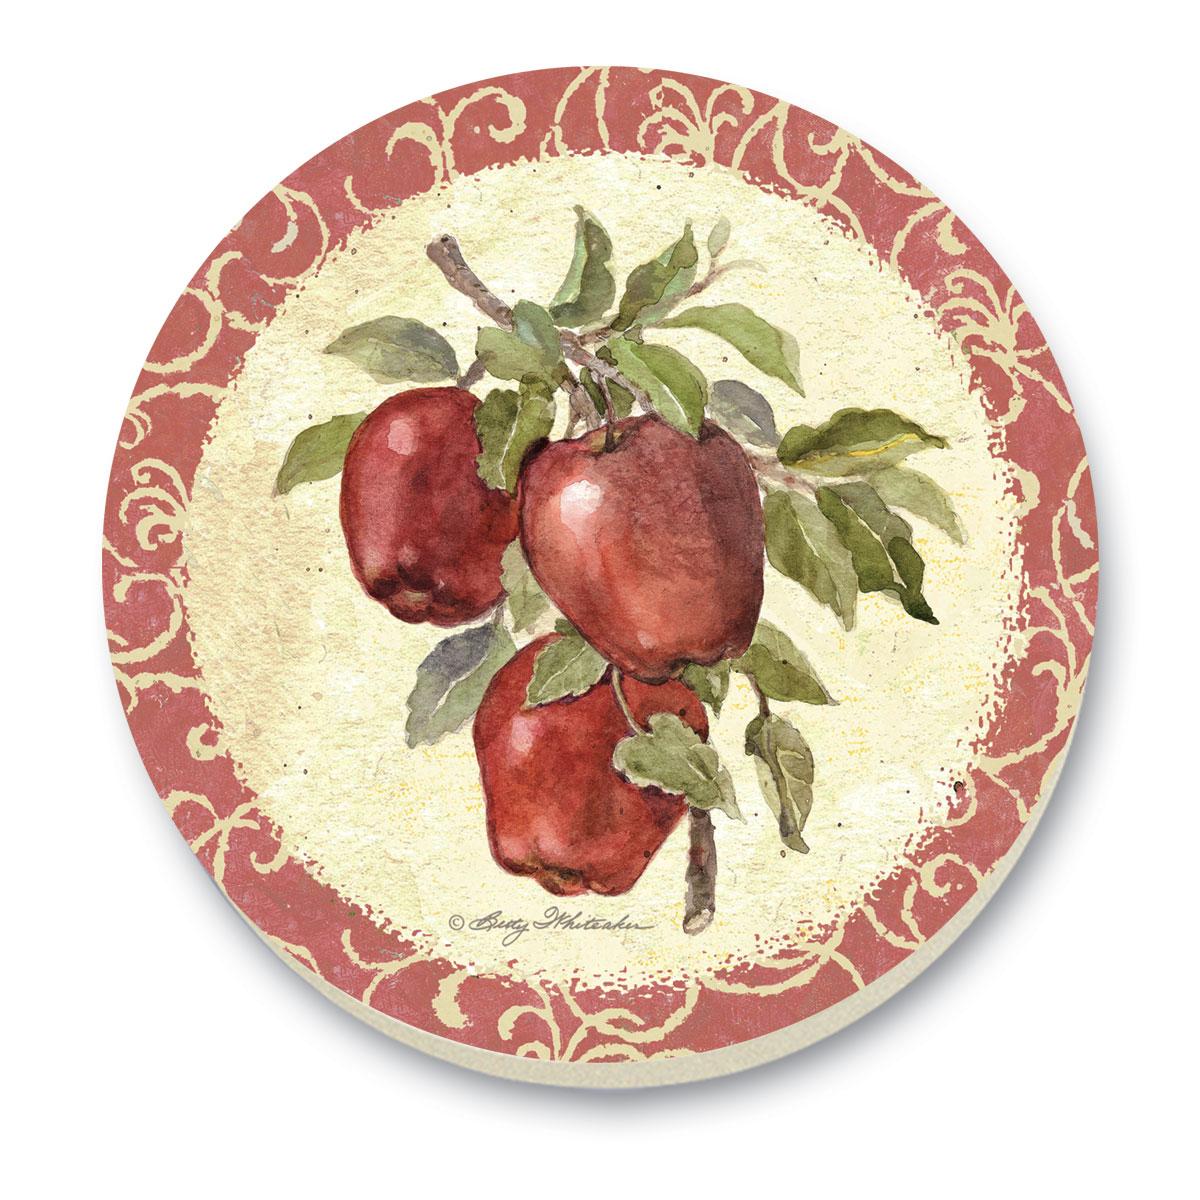 Old Orchard Apples Cork-Backed Tile Trivet Set of 2